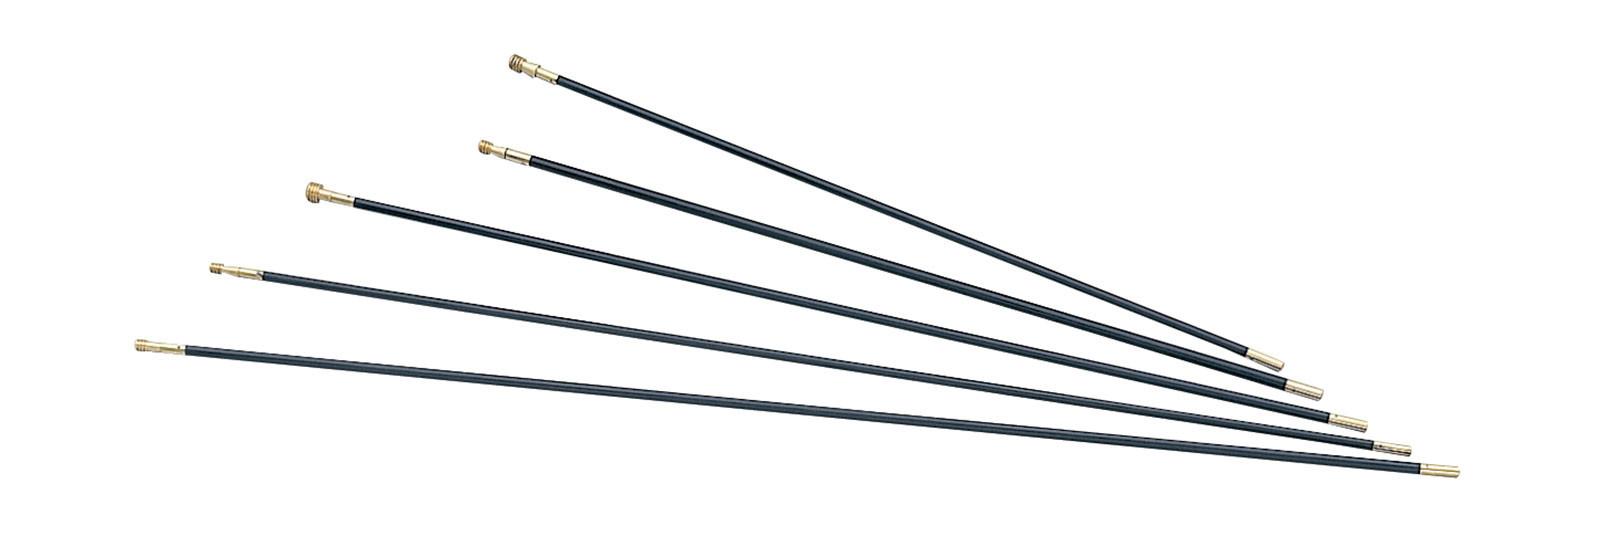 Bacchetta in fibra per armi ad avancarica 9x830 mm